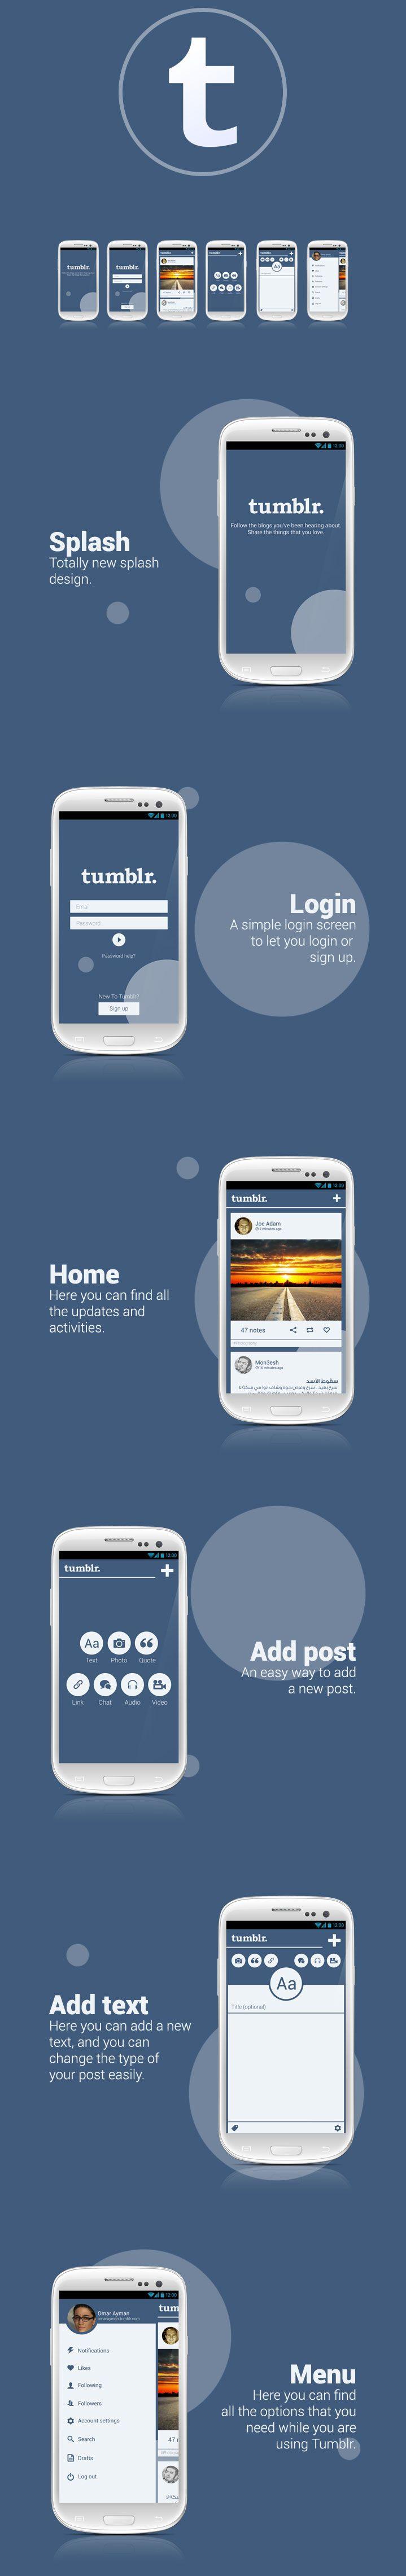 Daily Mobile UI Design Inspiration #128